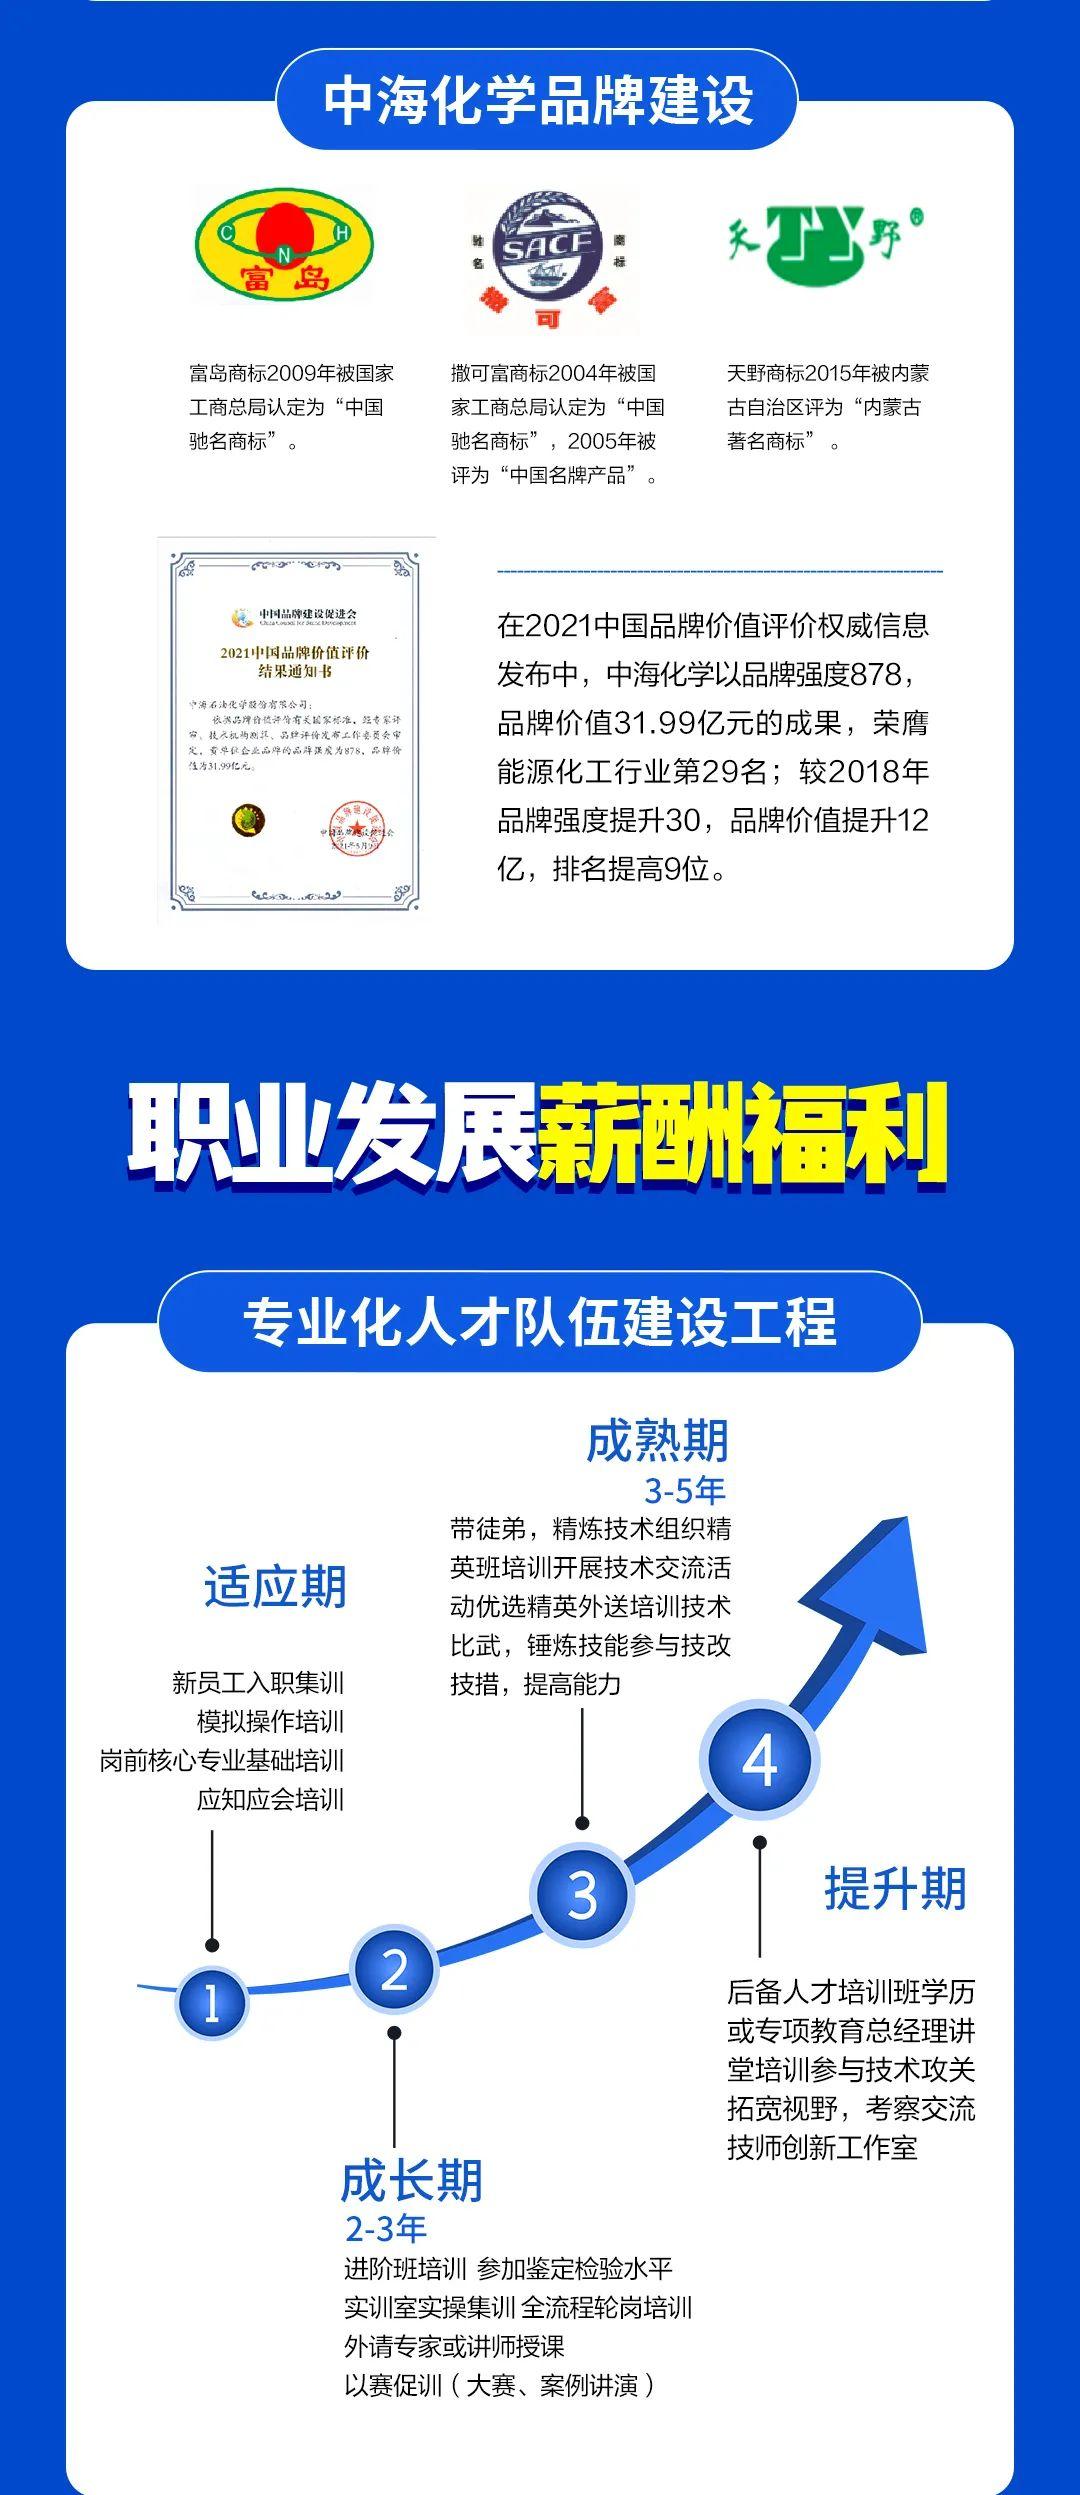 重磅!中海化学2022年校园招聘启动!